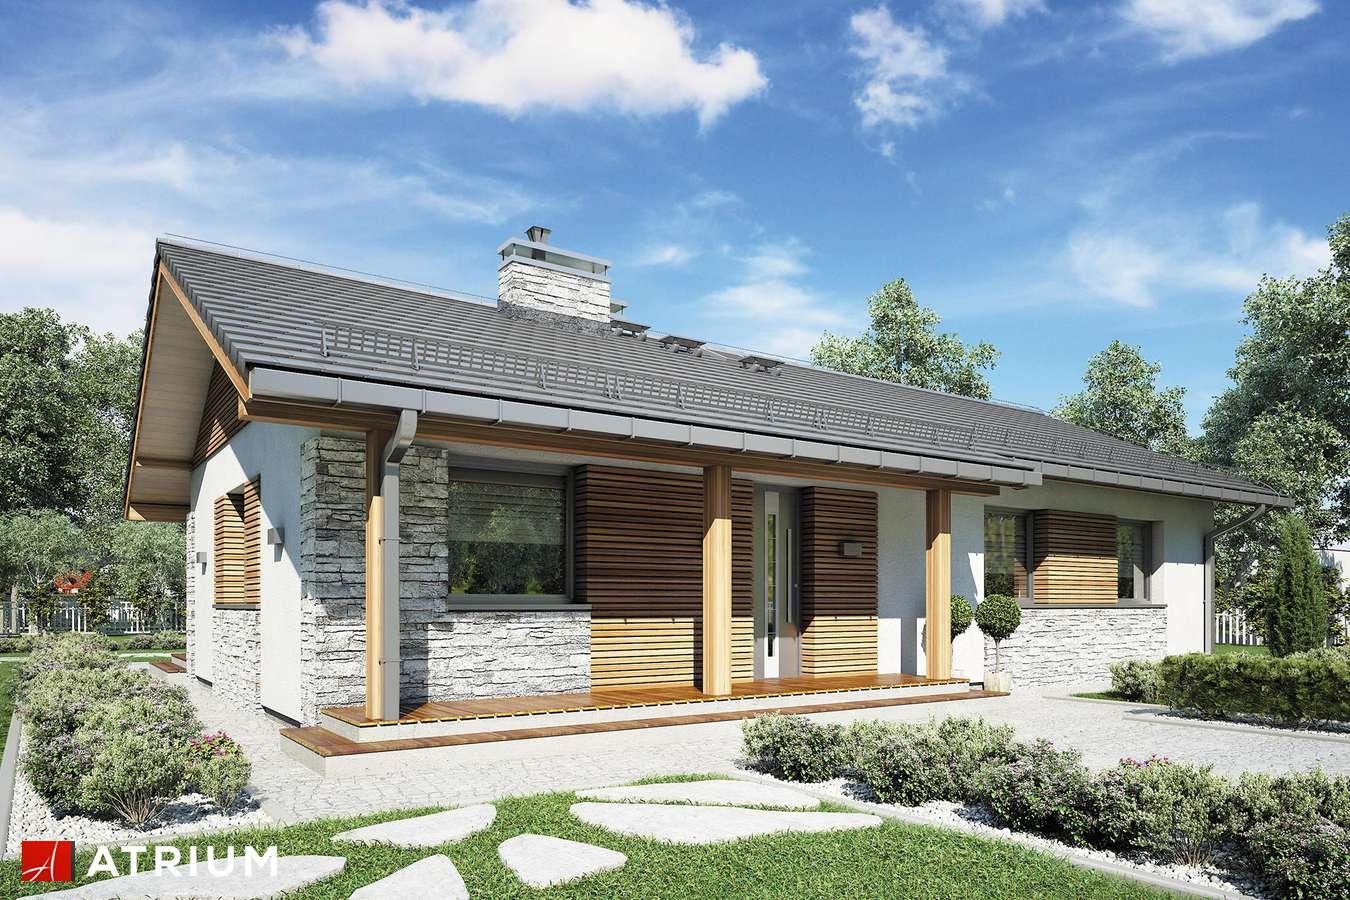 Projekty domów - Projekt domu parterowego ALBERTO - wizualizacja 2 - wersja lustrzana